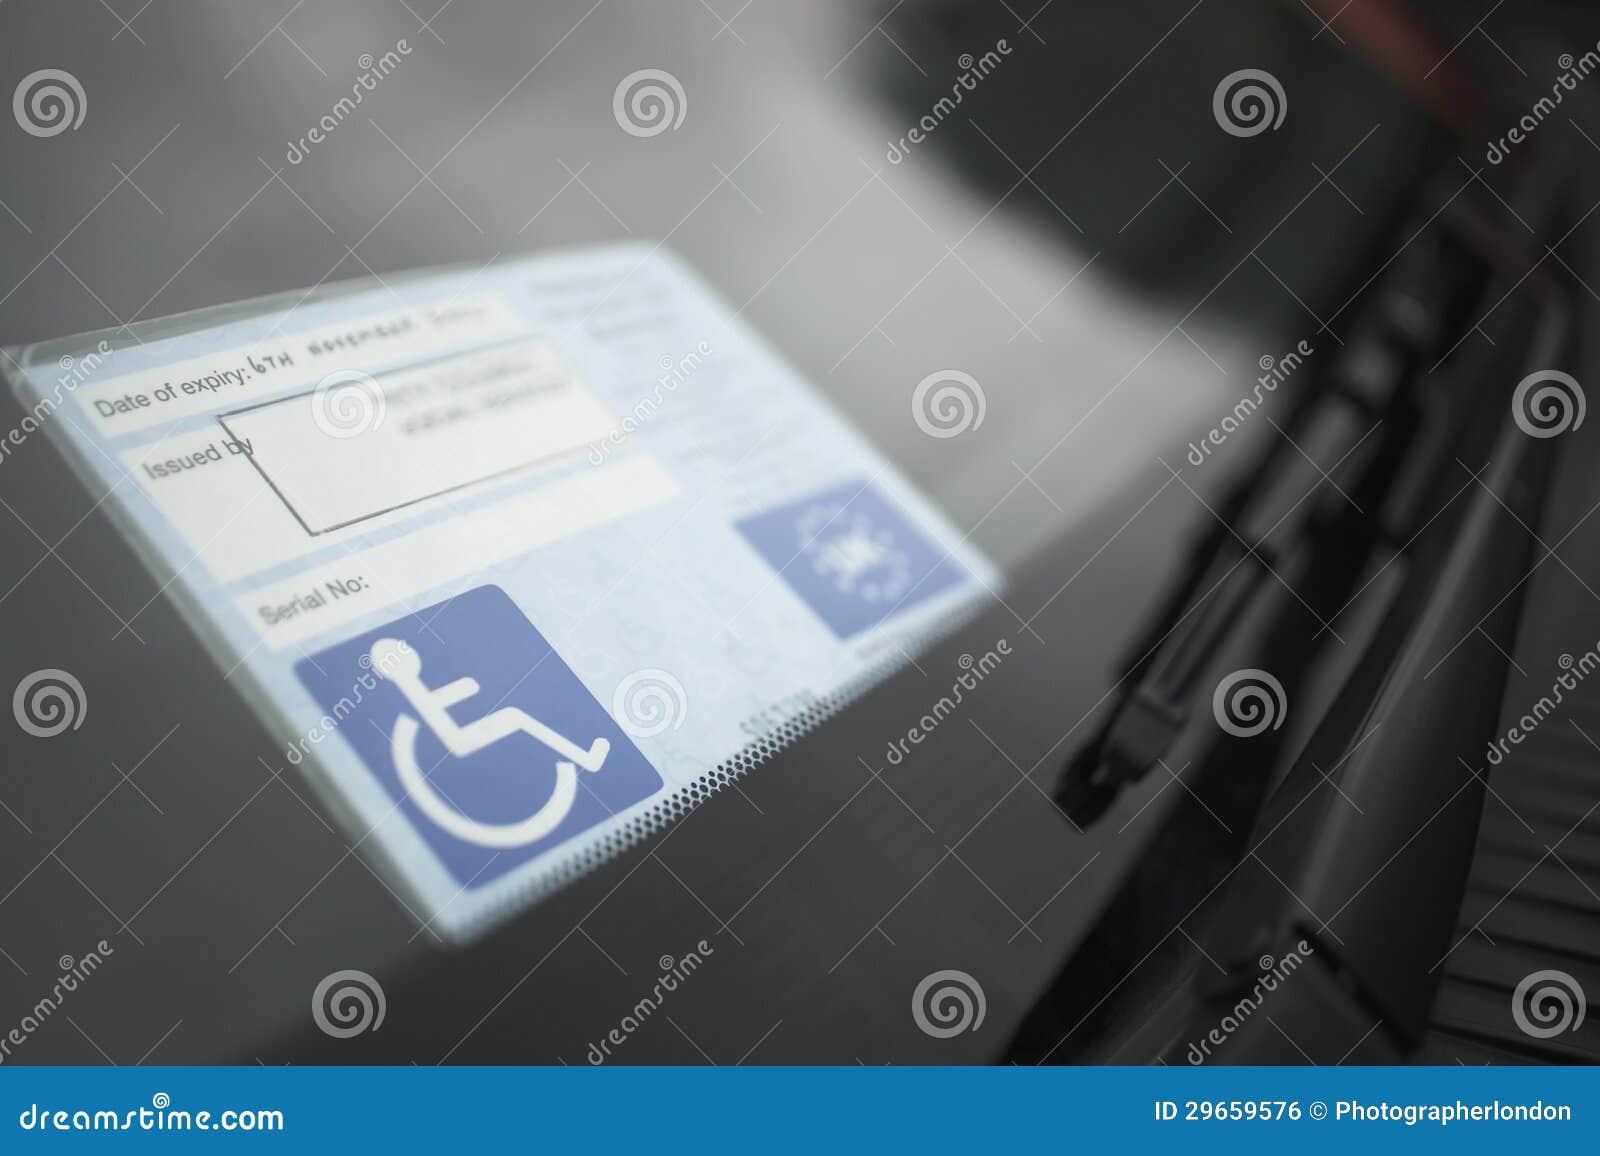 autocollant d 39 handicap sur le pare brise image libre de droits image 29659576. Black Bedroom Furniture Sets. Home Design Ideas